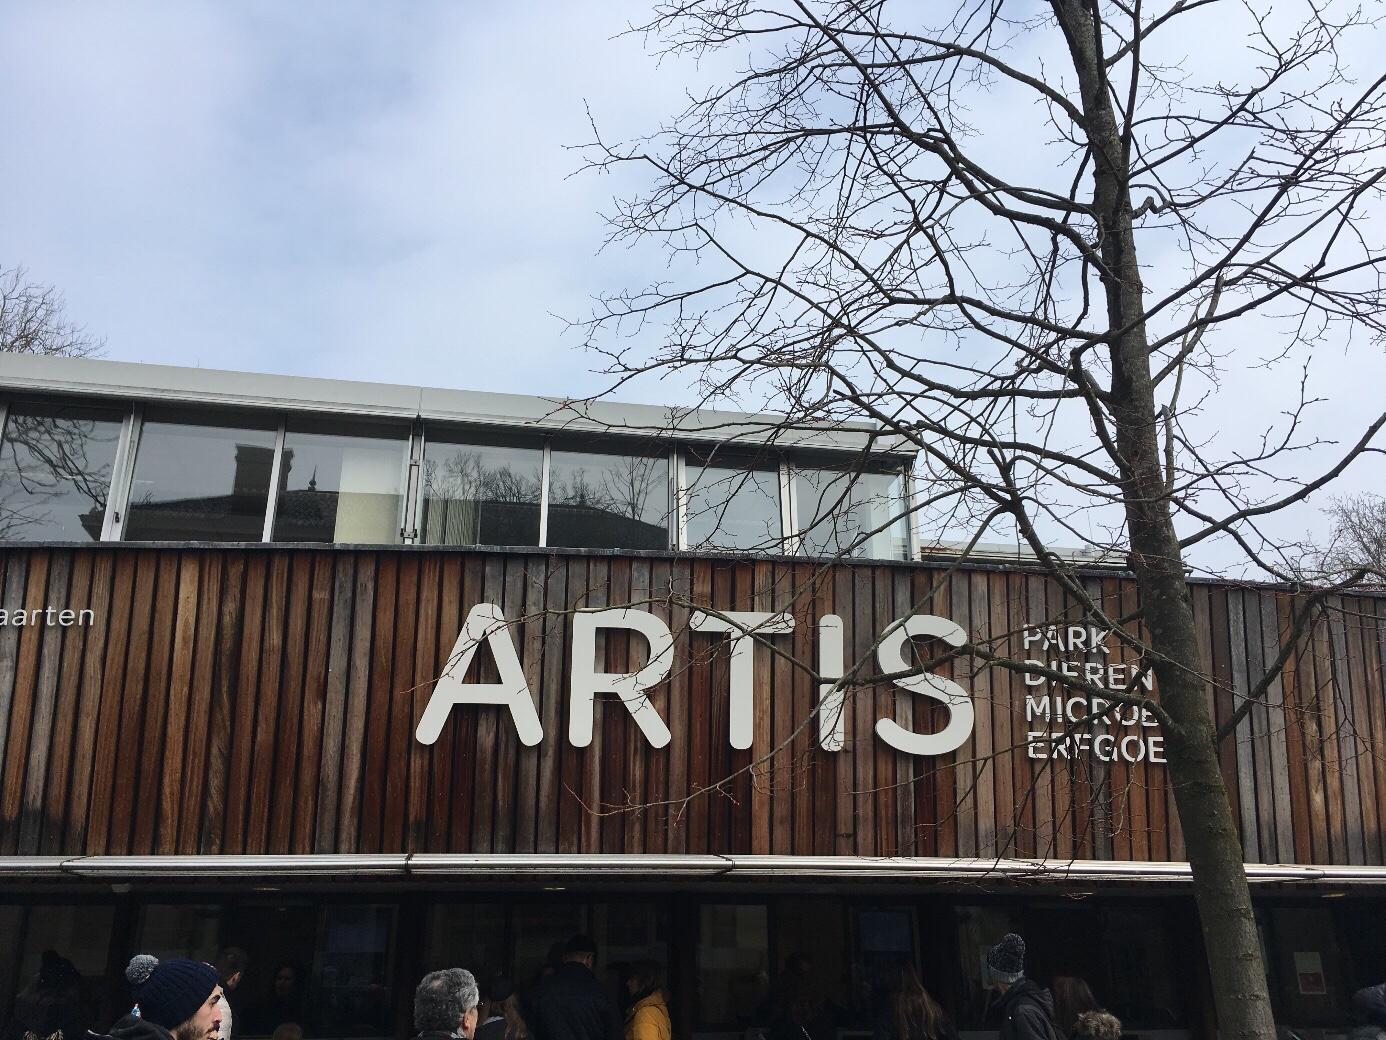 Dierentuin Artis in Amsterdam